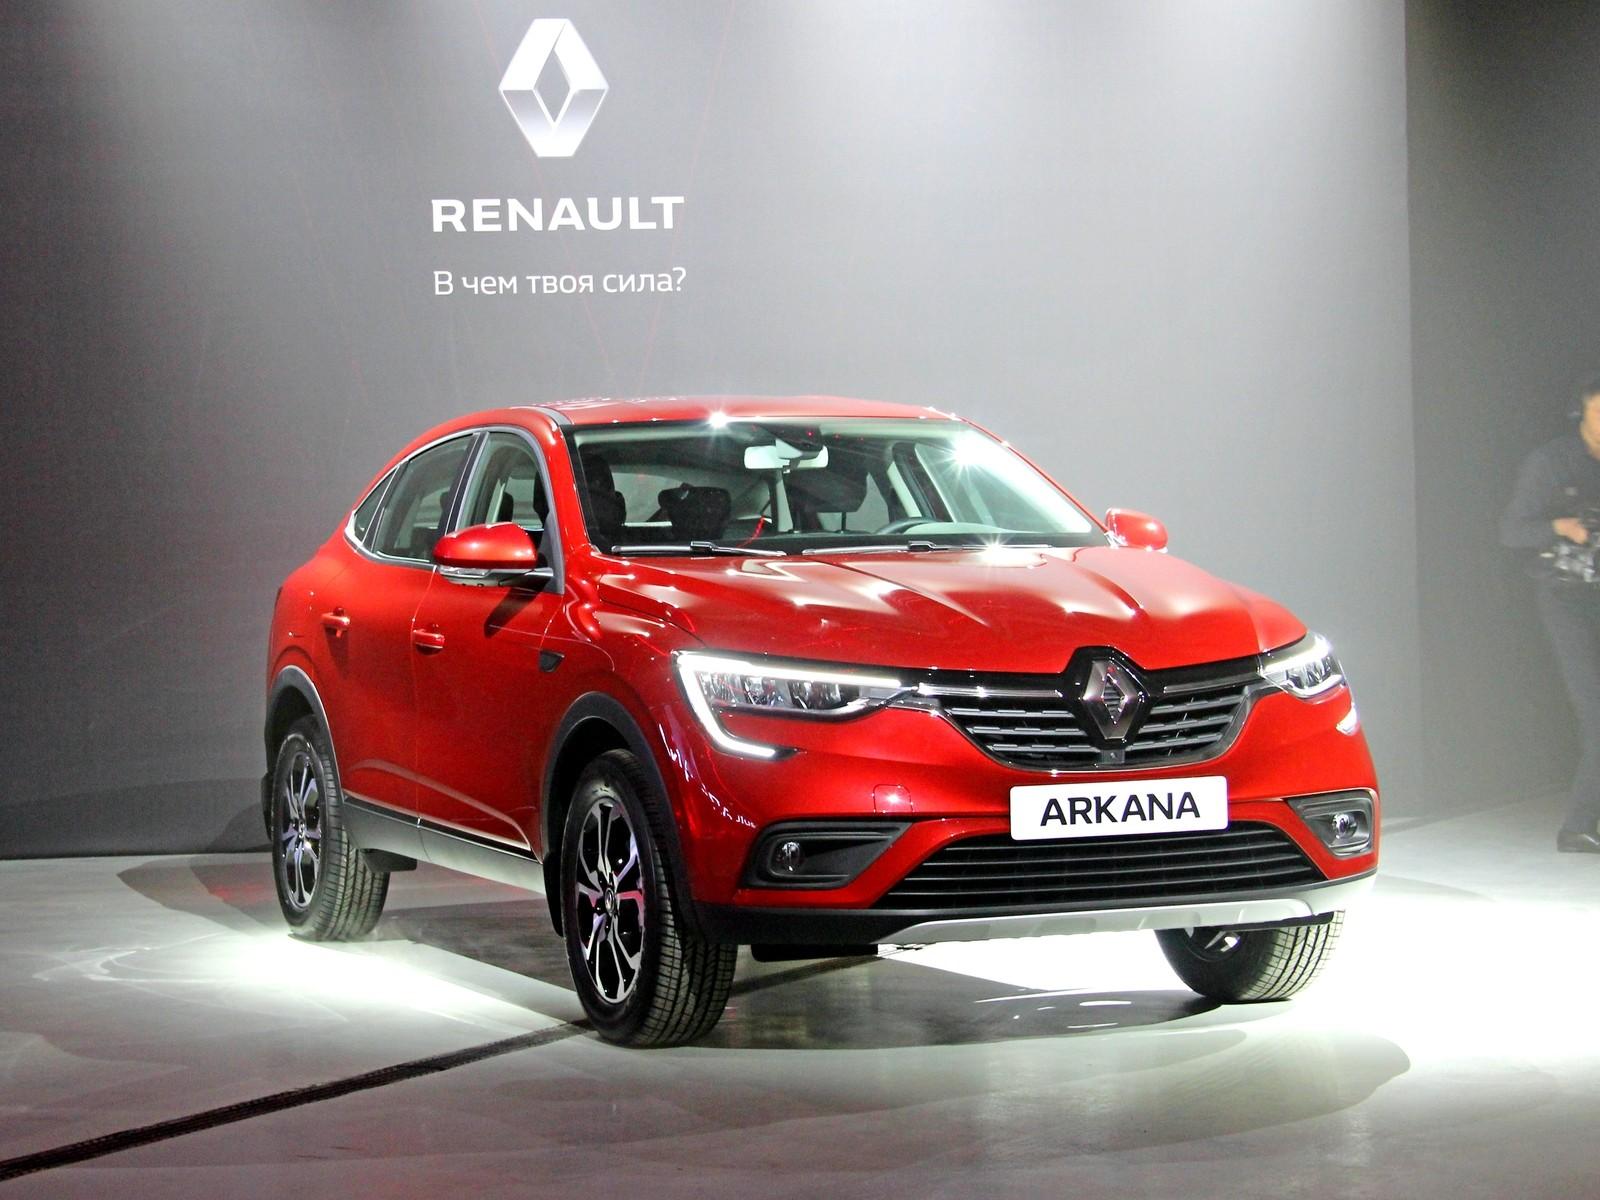 Кросс-купе Renault Arkana сначала появилось в России (модель выпускают в Москве с прошлого года), и лишь позднее должны были дебютировать корейская и китайская версии. Первая уже попадалась фотошпионам, а теперь министерство промышленности Поднебесной рассказало о второй.